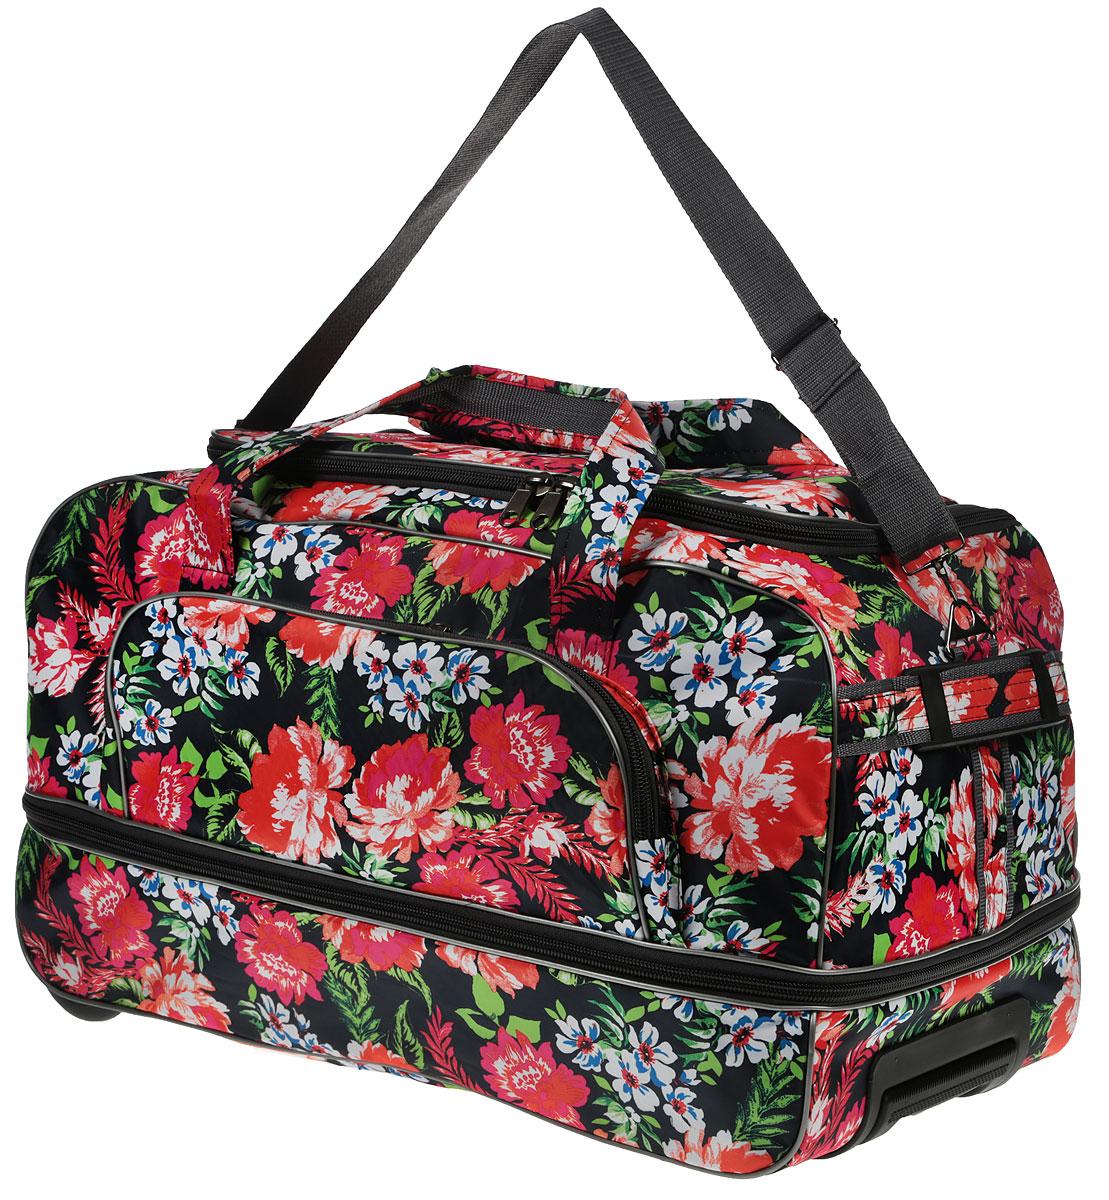 Сумка дорожная AMeN Цветы, с выдвижной ручкой, на колесах, 65 х 32 х 38 см1695948_цветыСтильная дорожная сумка AMeN Цветы прекрасно подойдет для путешествий так и для деловых поездок. Сумка выполнена из текстиля. Изделие имеет одно основное отделение с увеличением объема, закрывающееся на застежку-молнию. Снаружи, на боковой стенке расположен накладной карман на застежке-молнии. Модель оснащена двумя удобными ручками для переноски в руках. Для более удобной транспортировки основание изделия оснащено удобной выдвижной ручкой и двумя колесиками. Основание - жесткое, дополнено пластиковыми ножками. Такая дорожная сумка сможет вместить в себя все самое необходимое для путешествия.Длина выдвижной ручки: 39 см.